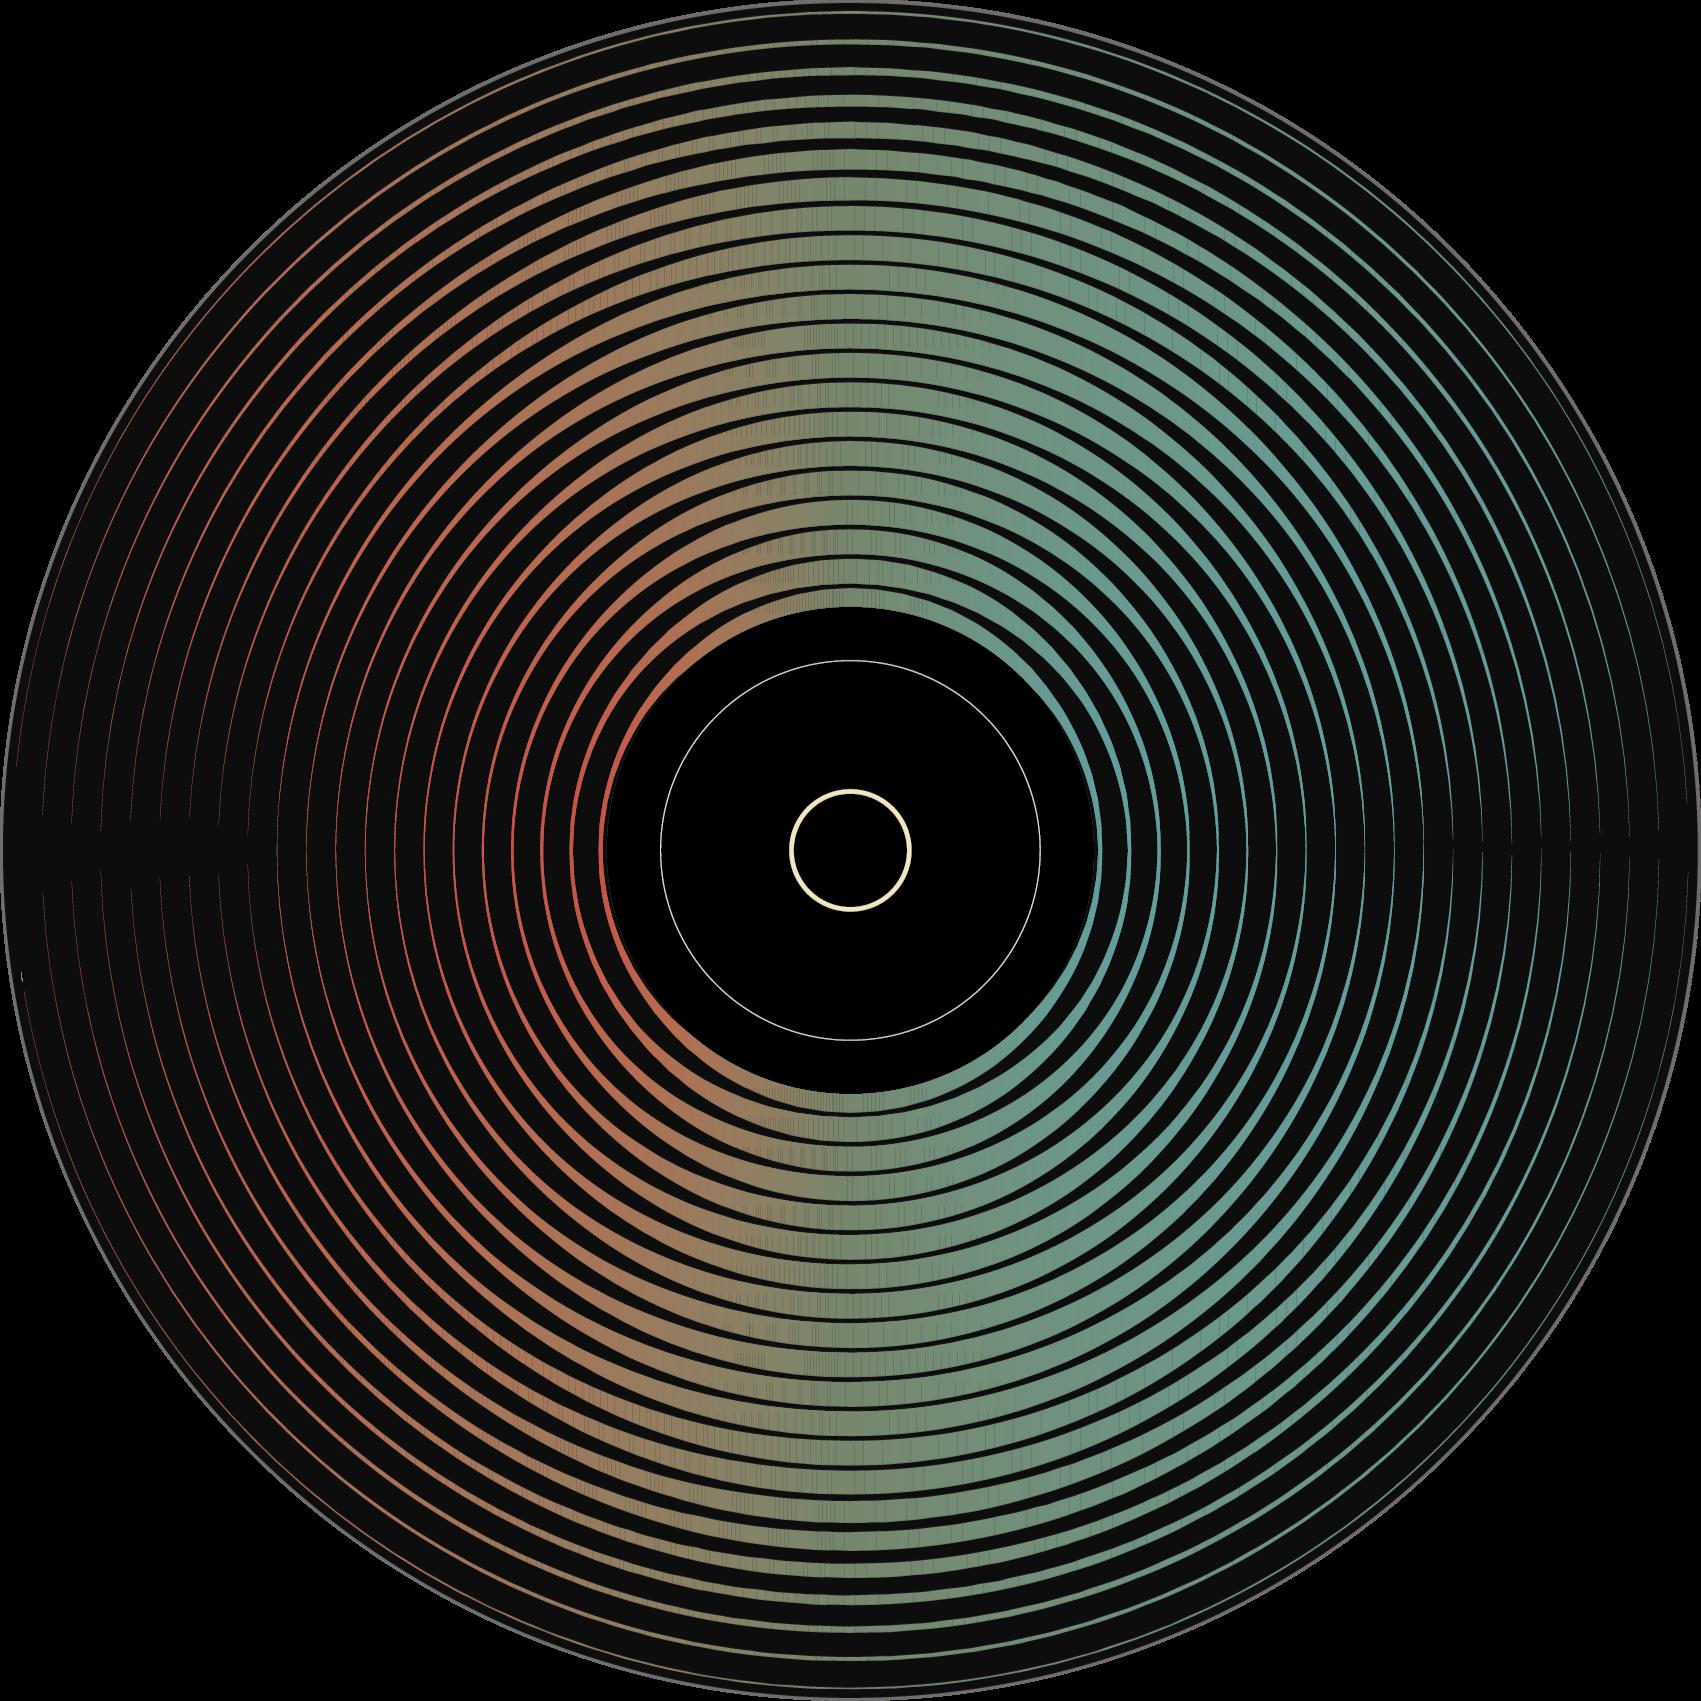 TenStickers. Lp record retro tapijt. Een kleurrijk LP record rond vinyl tapijt voor alle muziekliefhebbers om elke ruimte in u huis te decoreren met dit hoogwaardige product.